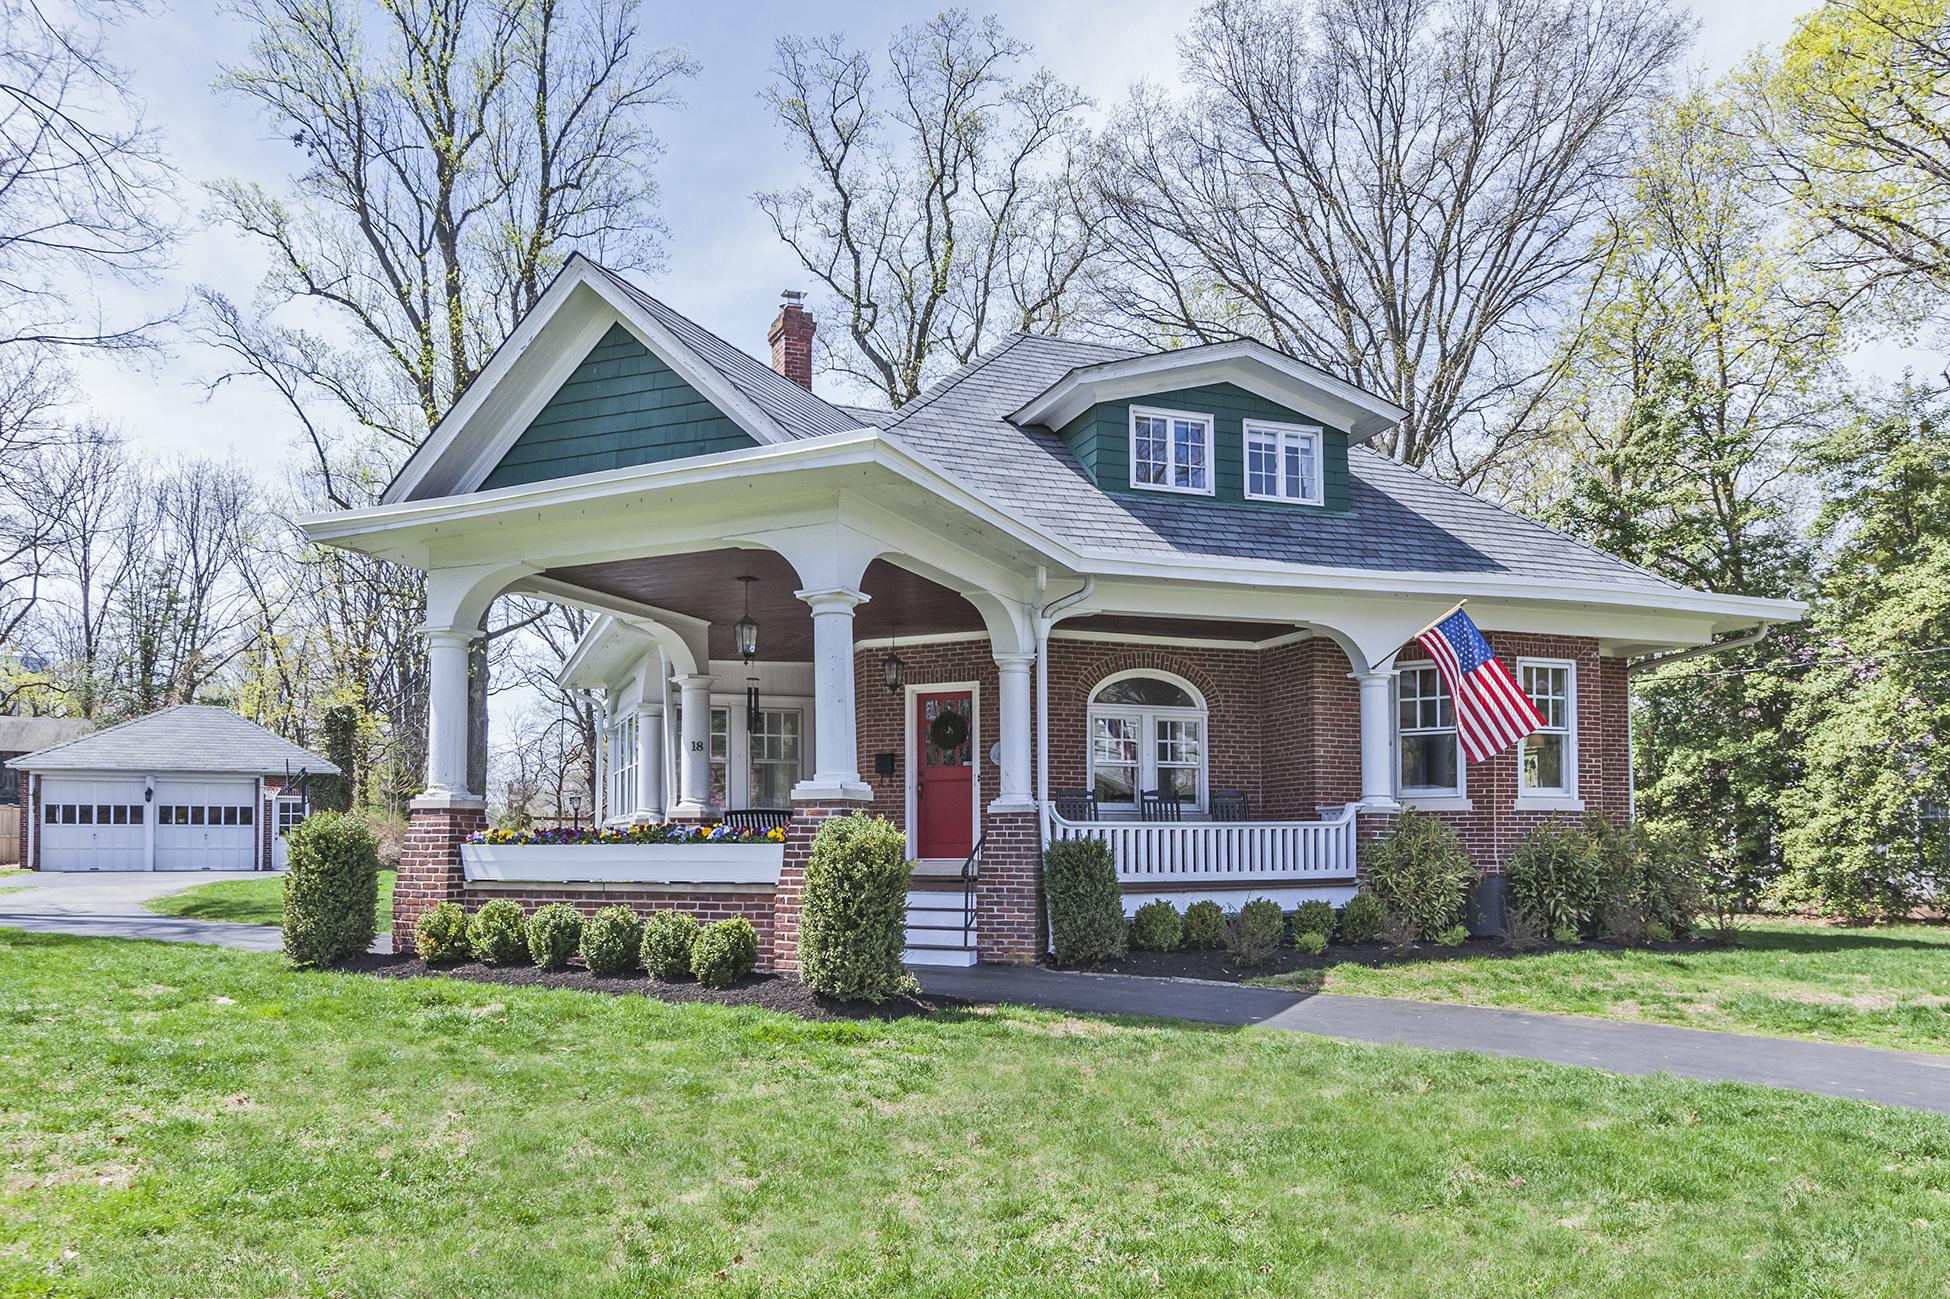 独户住宅 为 销售 在 Brick Bungalow On Pennington's Eglantine 18 Eglantine Avenue Pennington, 新泽西州 08534 美国